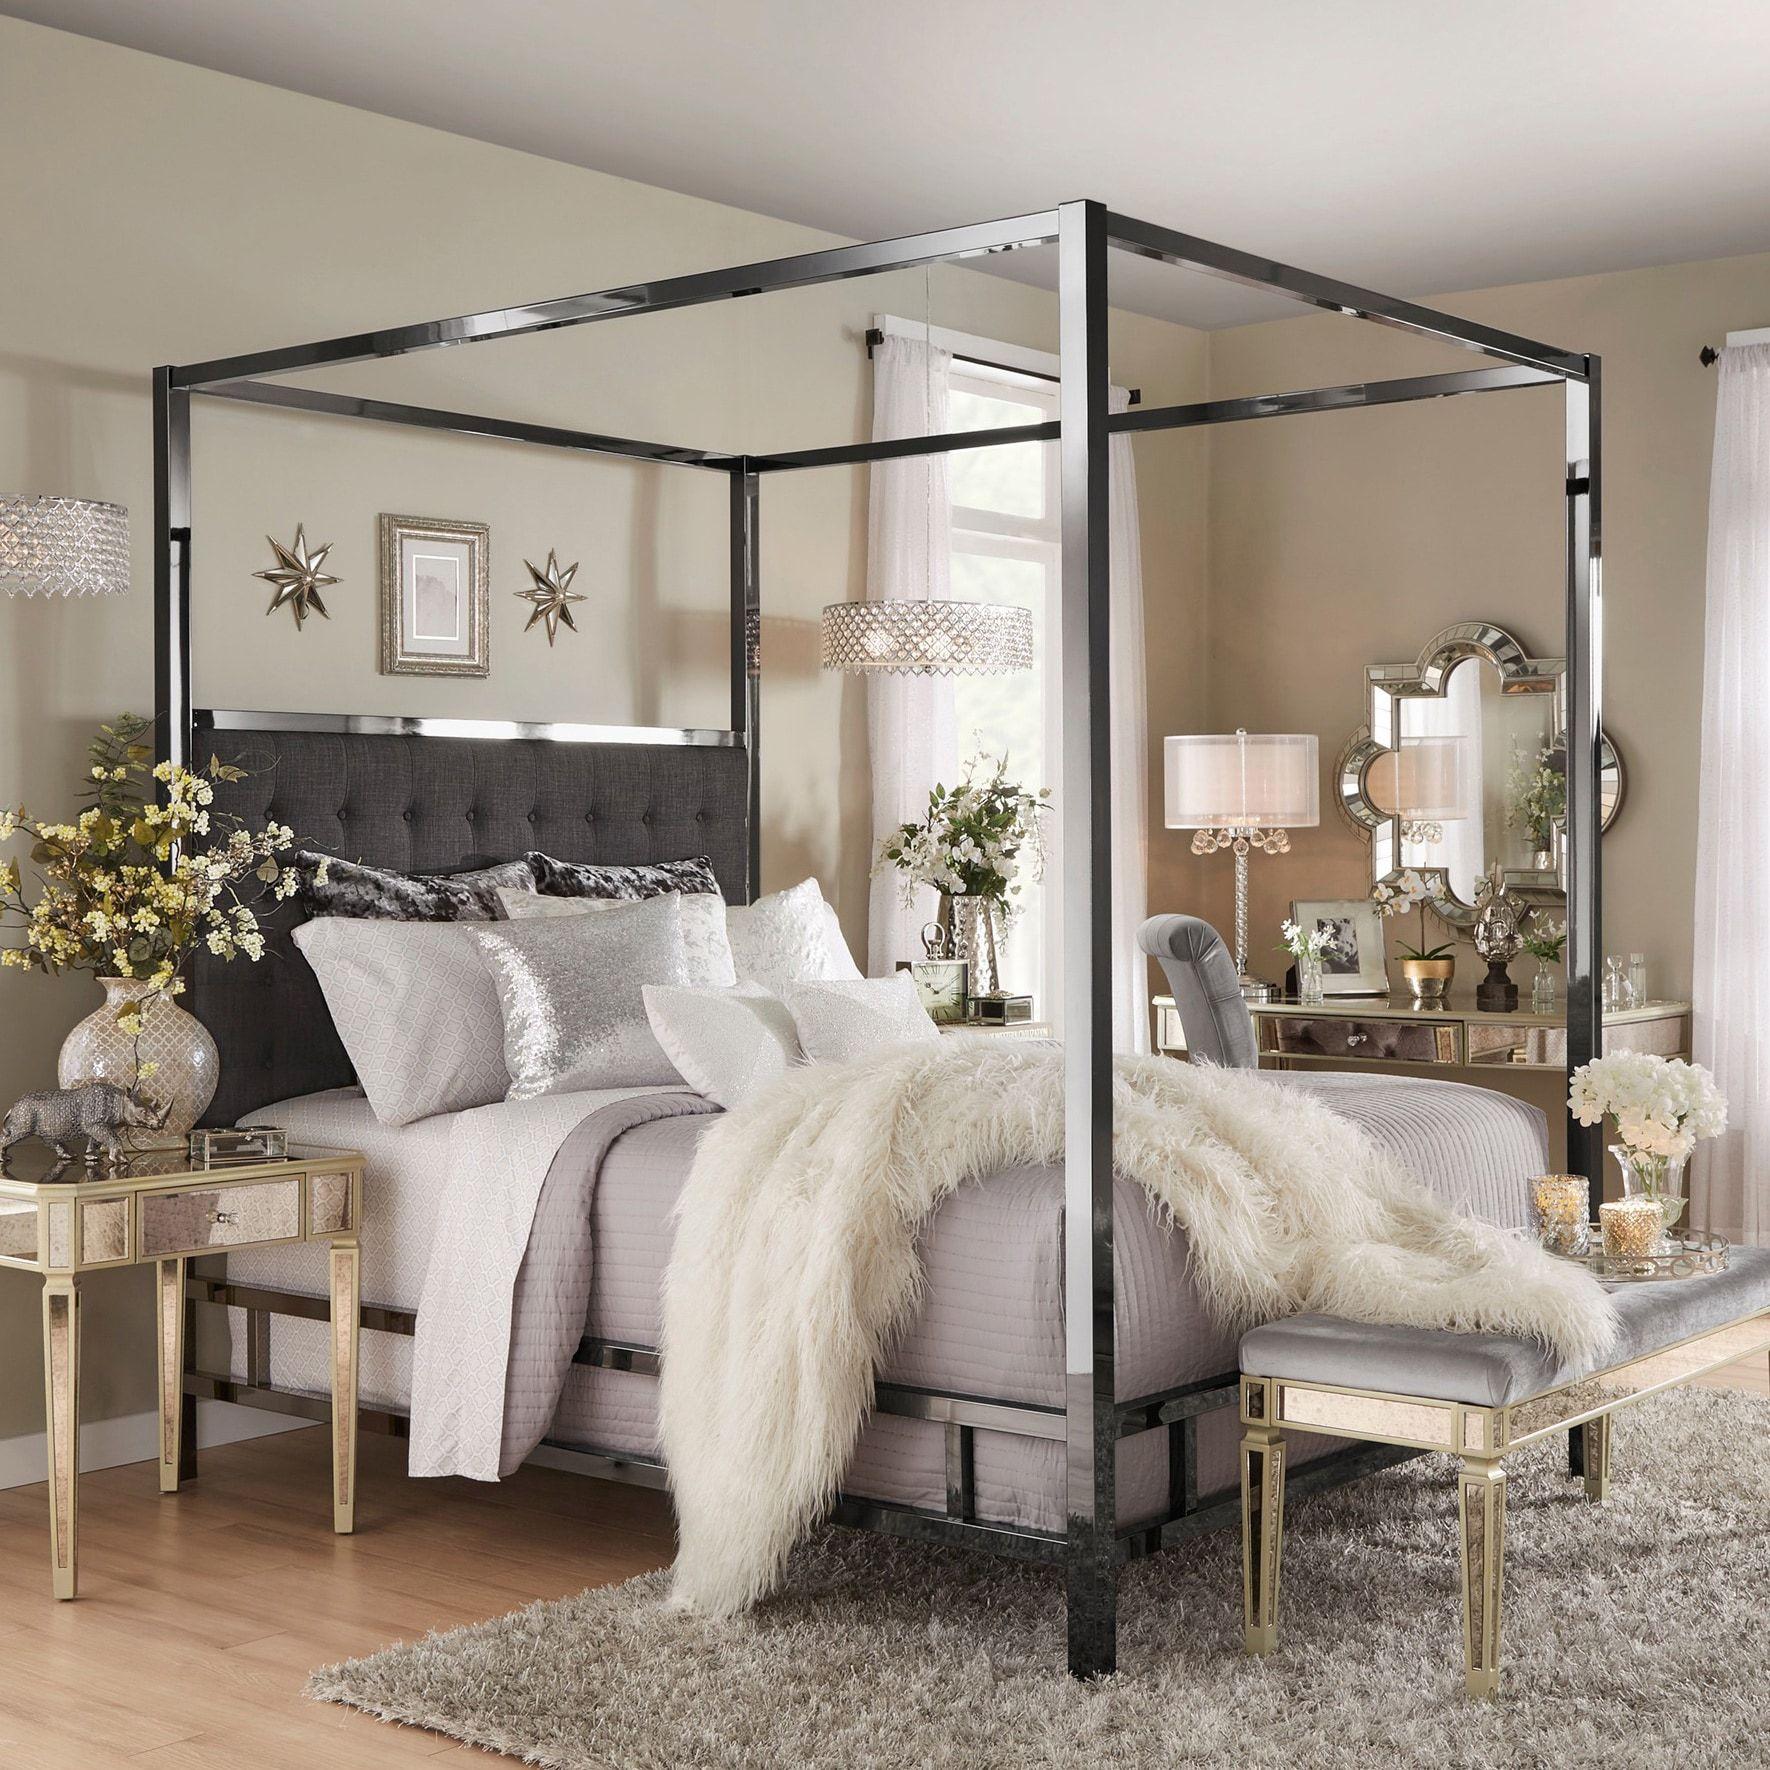 Solivita Black Nickel Metal Queensize Canopy Poster Bed